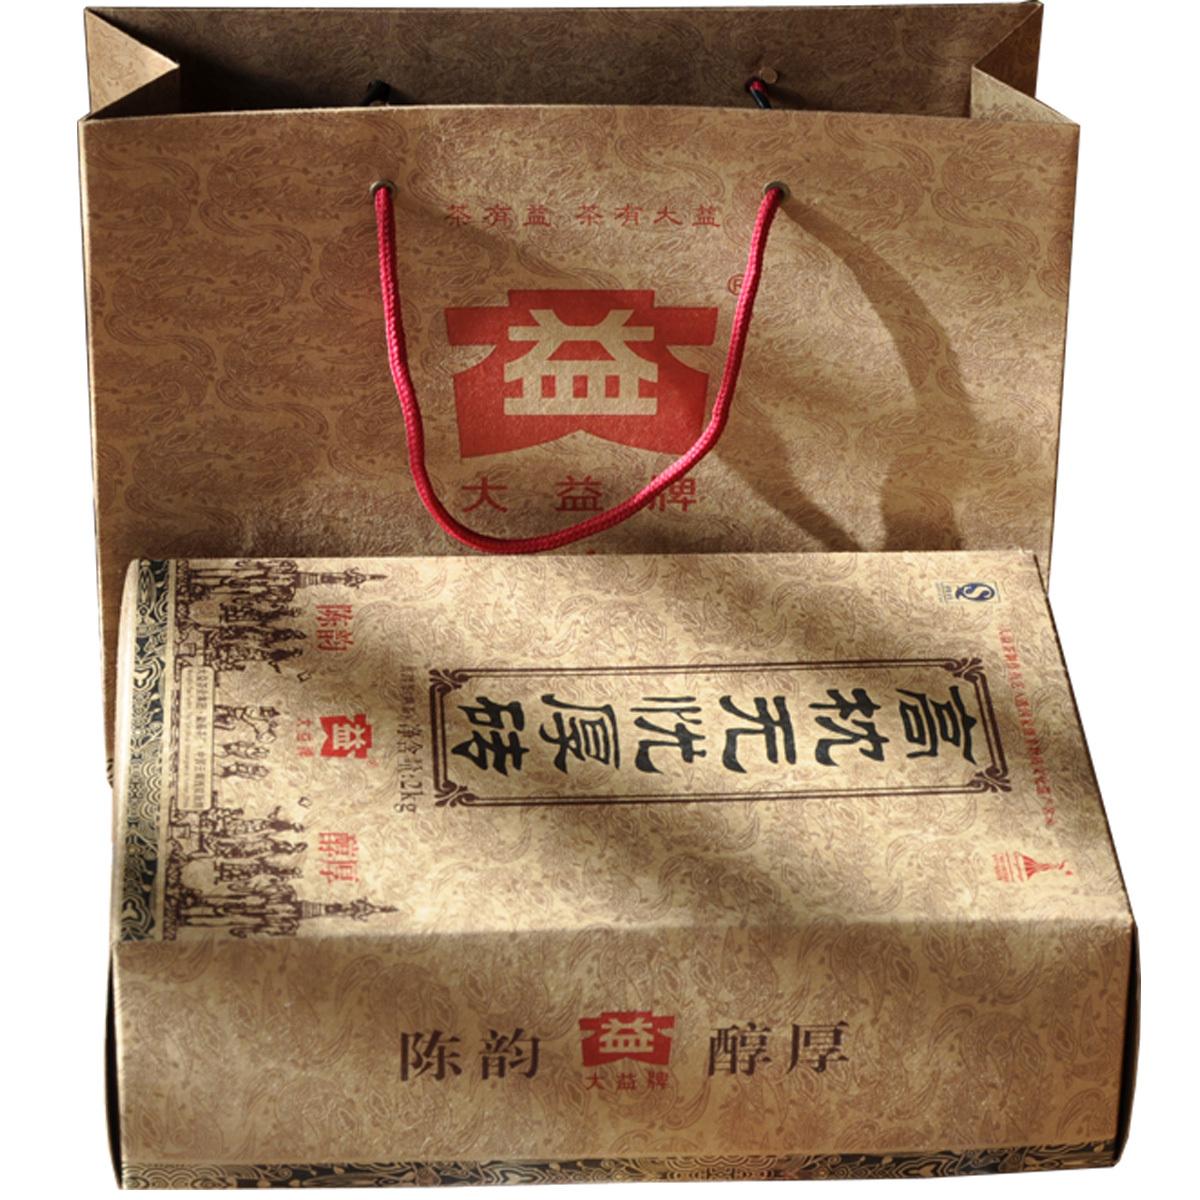 大益 普洱 茶 高枕無憂 001批 普洱茶 熟 茶 特價 2kg DYI110報價/最低價_易購頻道